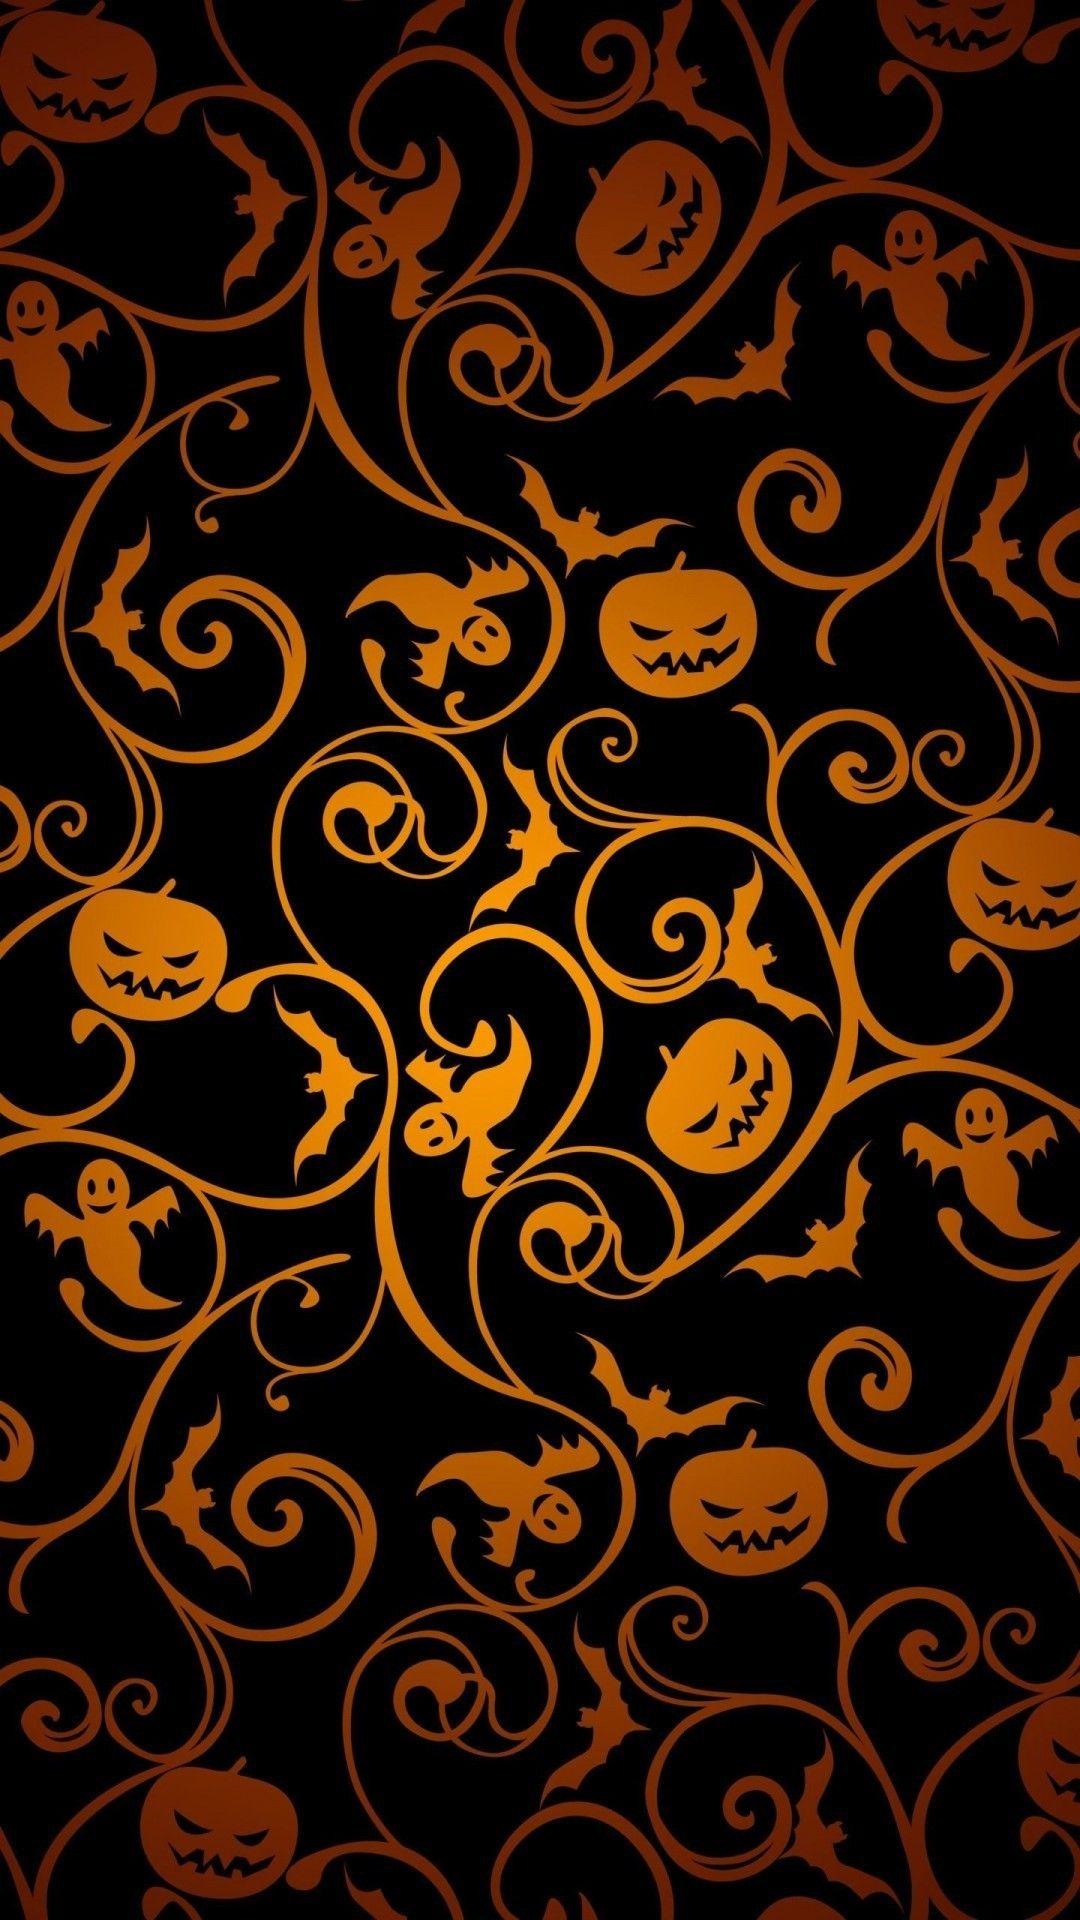 Halloween Tablet Wallpapers   Top Halloween Tablet 1080x1920